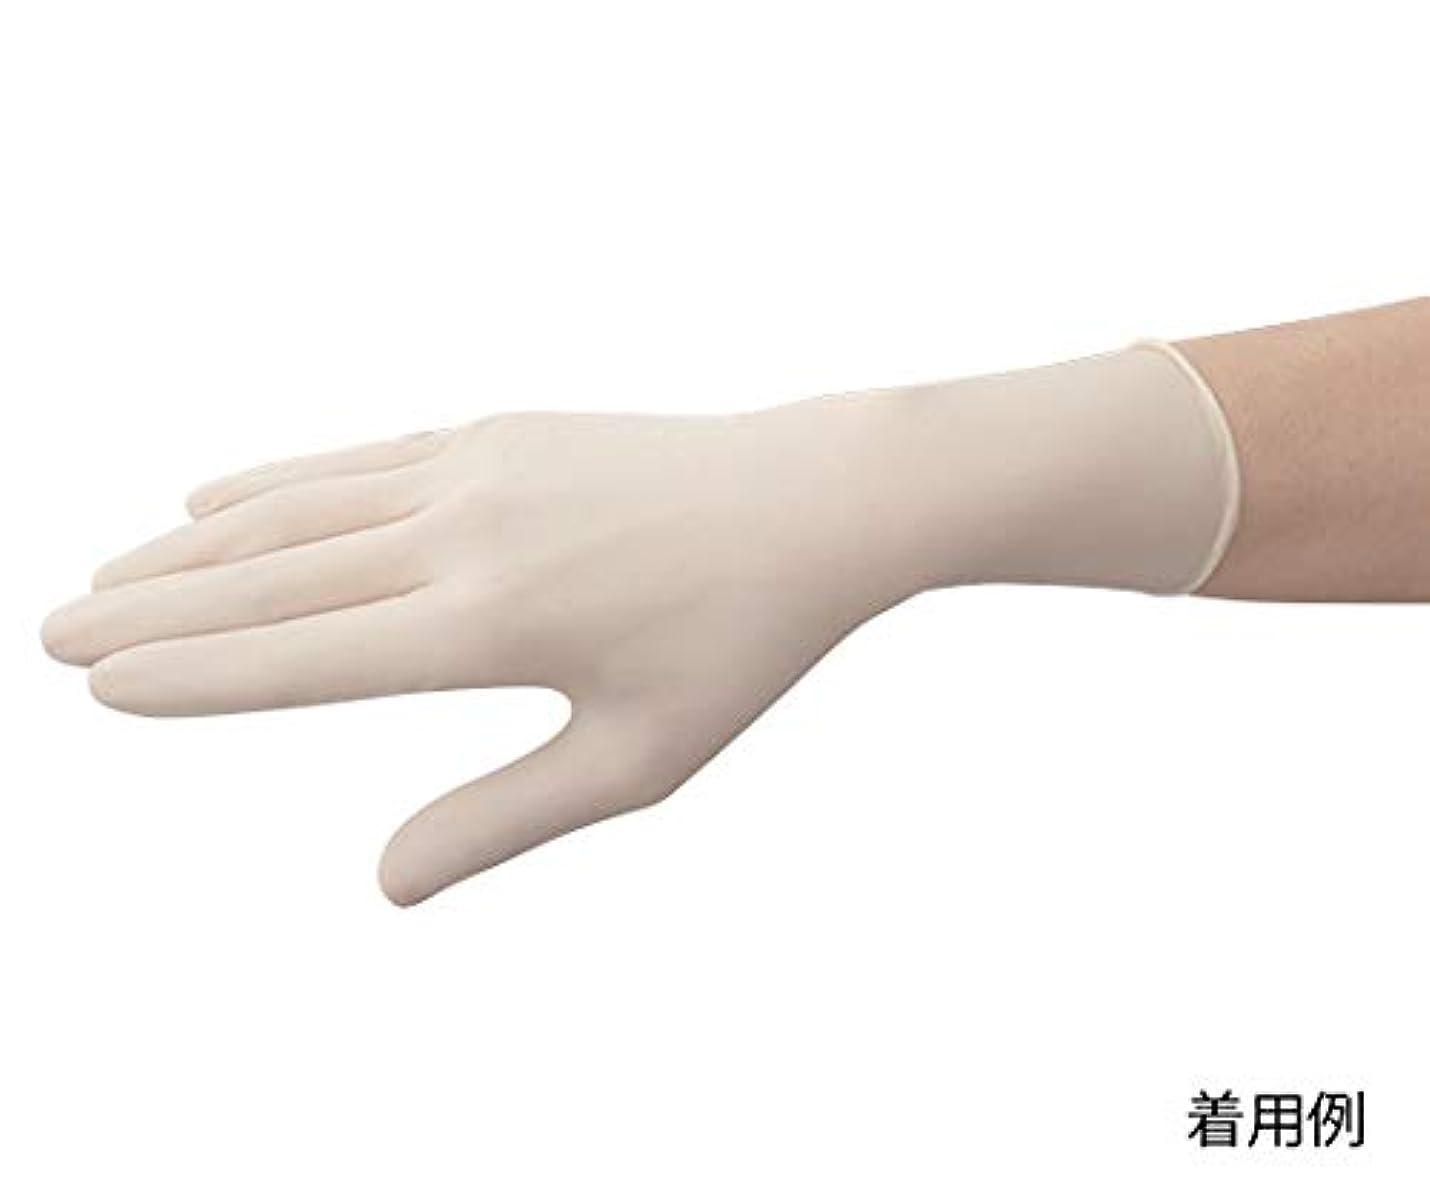 飛行場シャワー質素な東レ?メディカル 手術用手袋メディグリップ パウダーフリー50双 8155MG